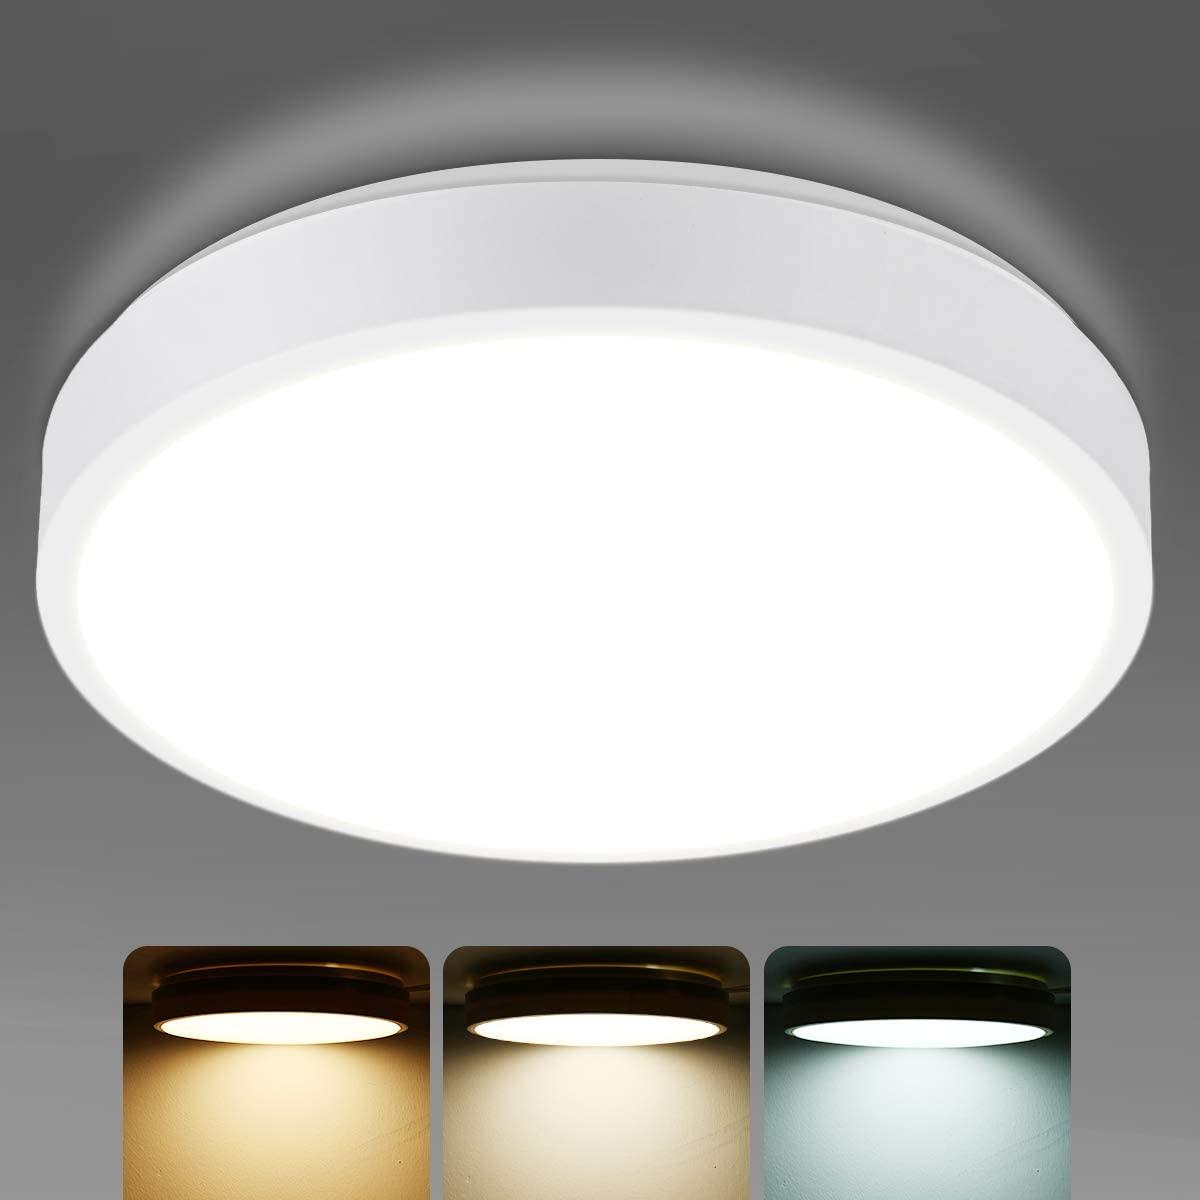 Bild zu KINGSO 15 Watt LED-Deckenleuchte für 11,99€